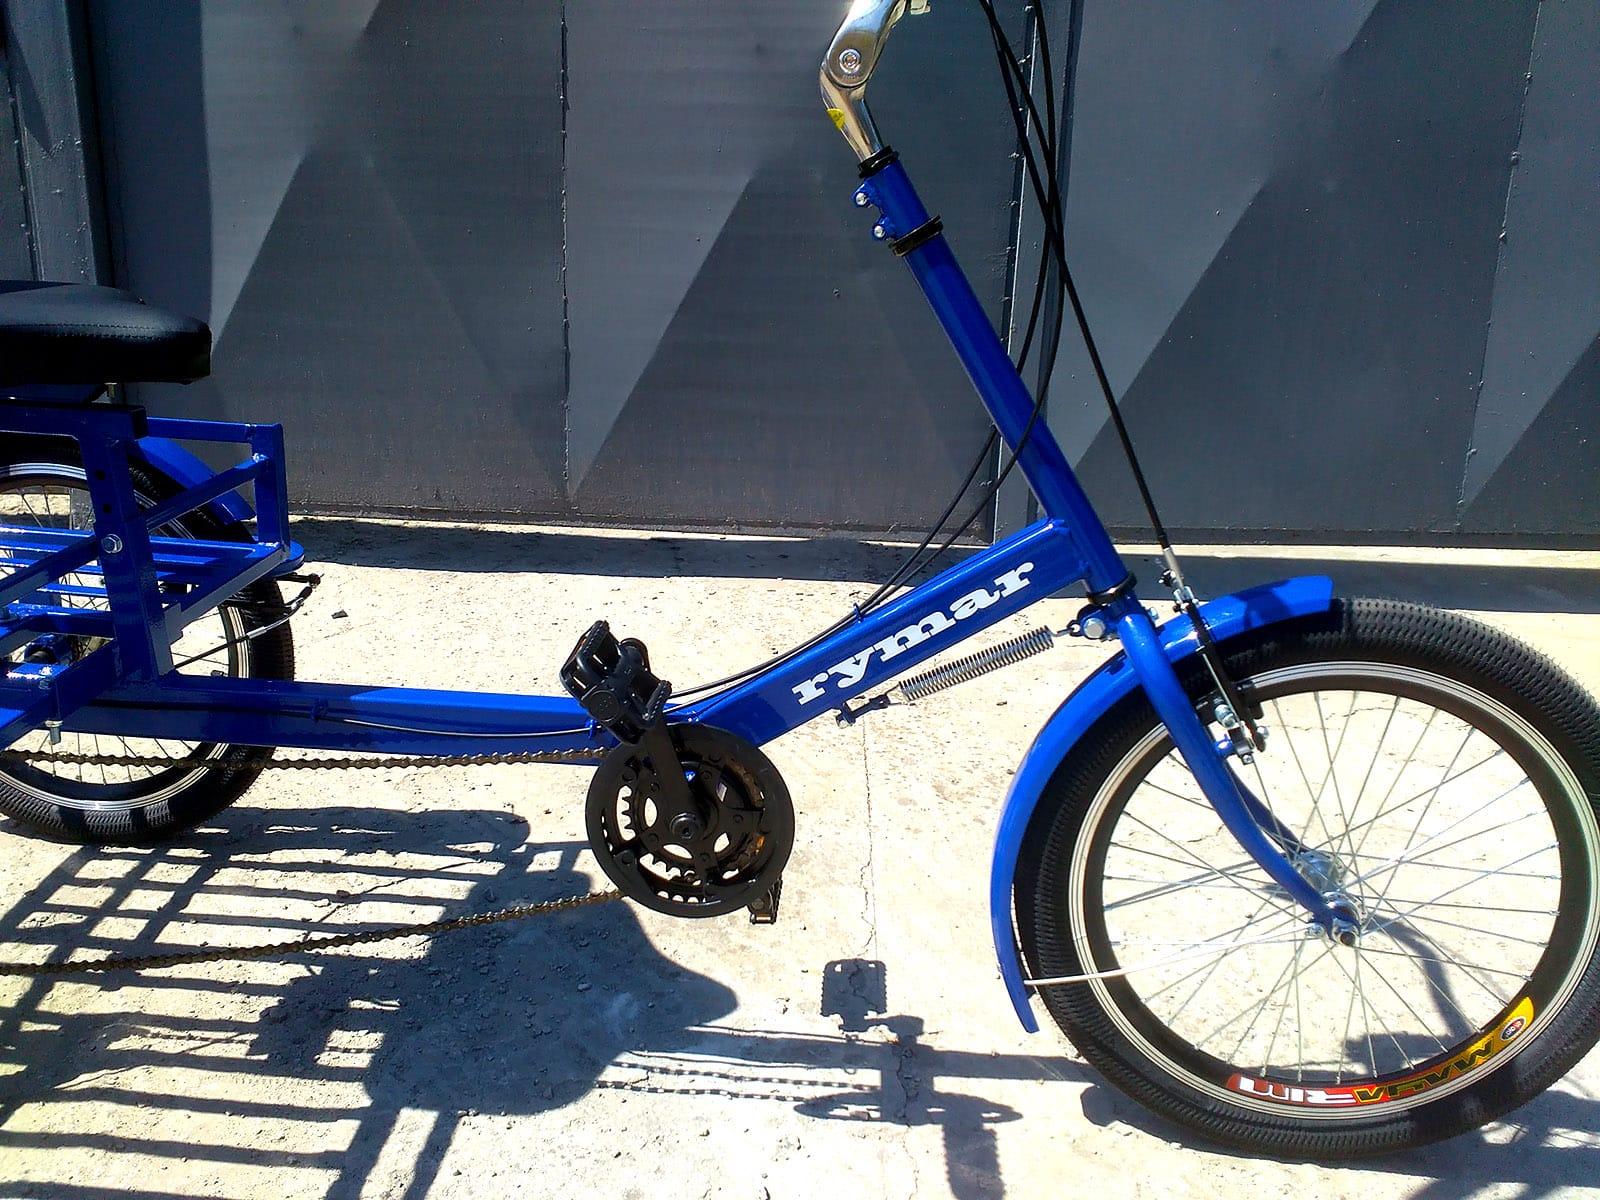 переднее колесо купить для велосипеда